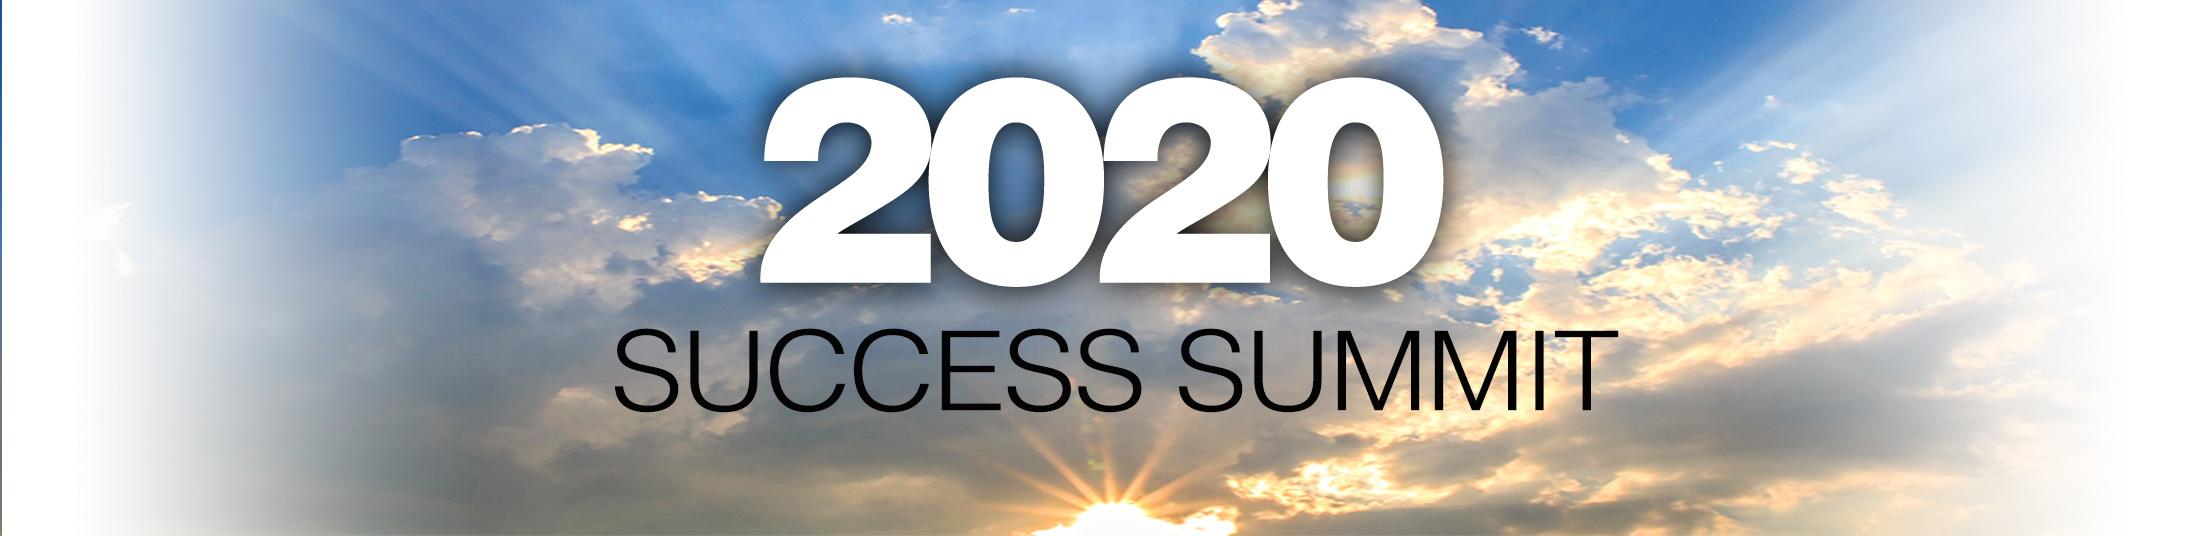 2020 header